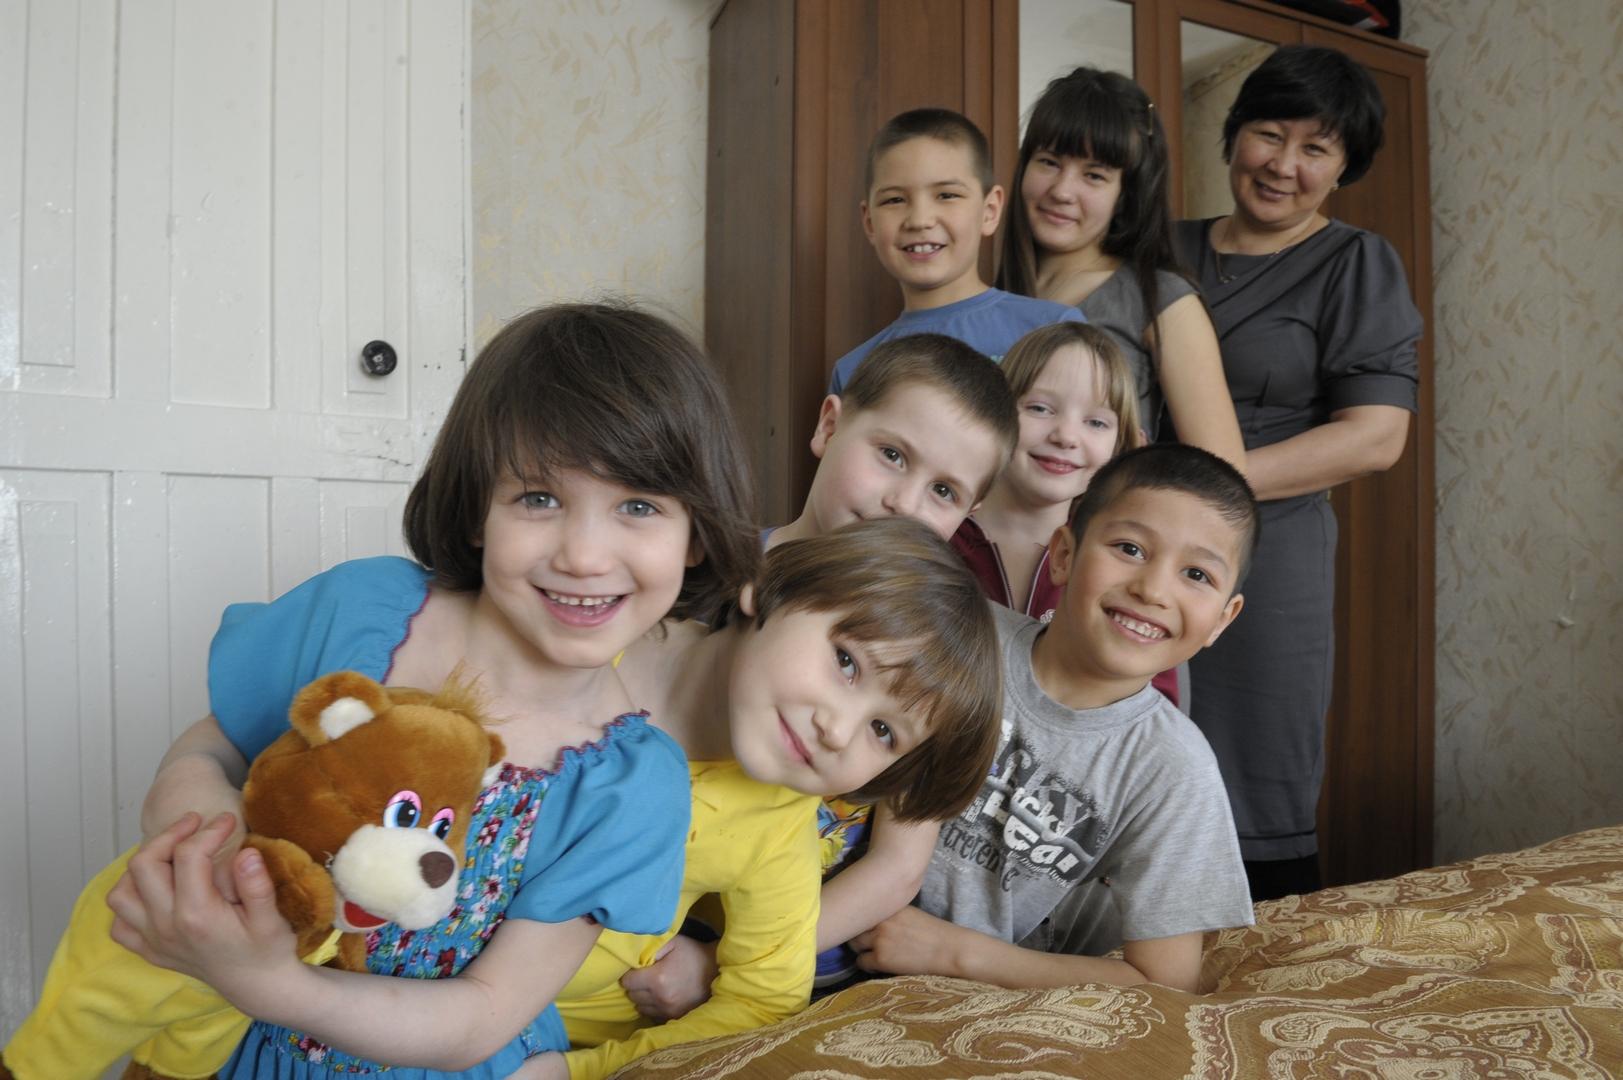 это картинки сирота и семья неподтверждённой информации, результате